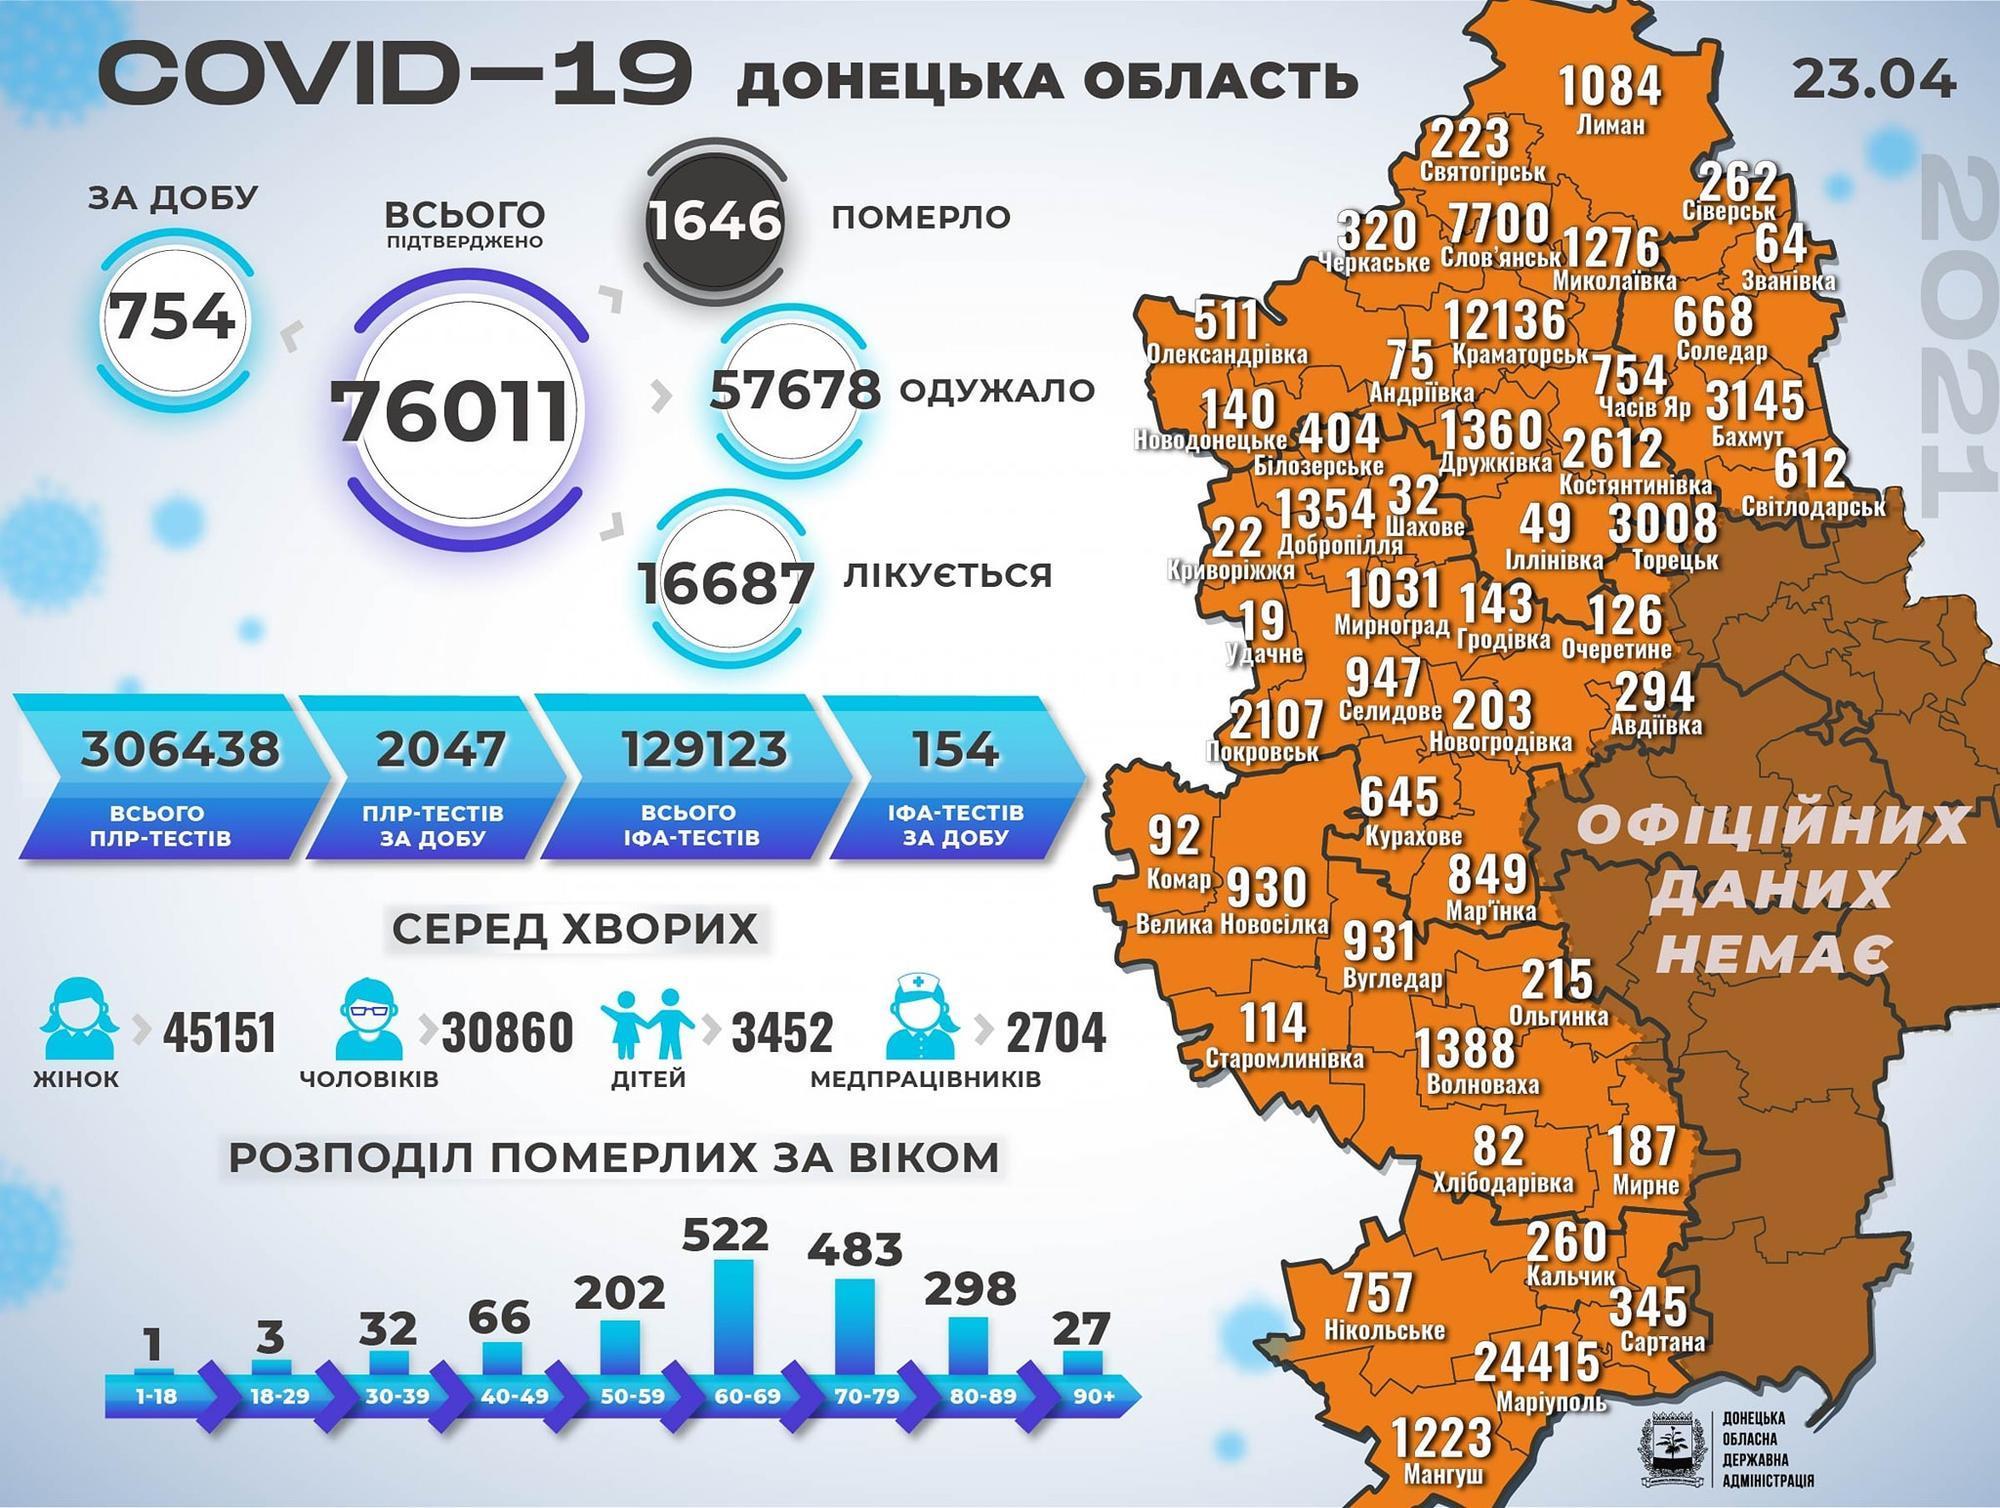 коронавирус Донецкая область 24 апреля инфографика